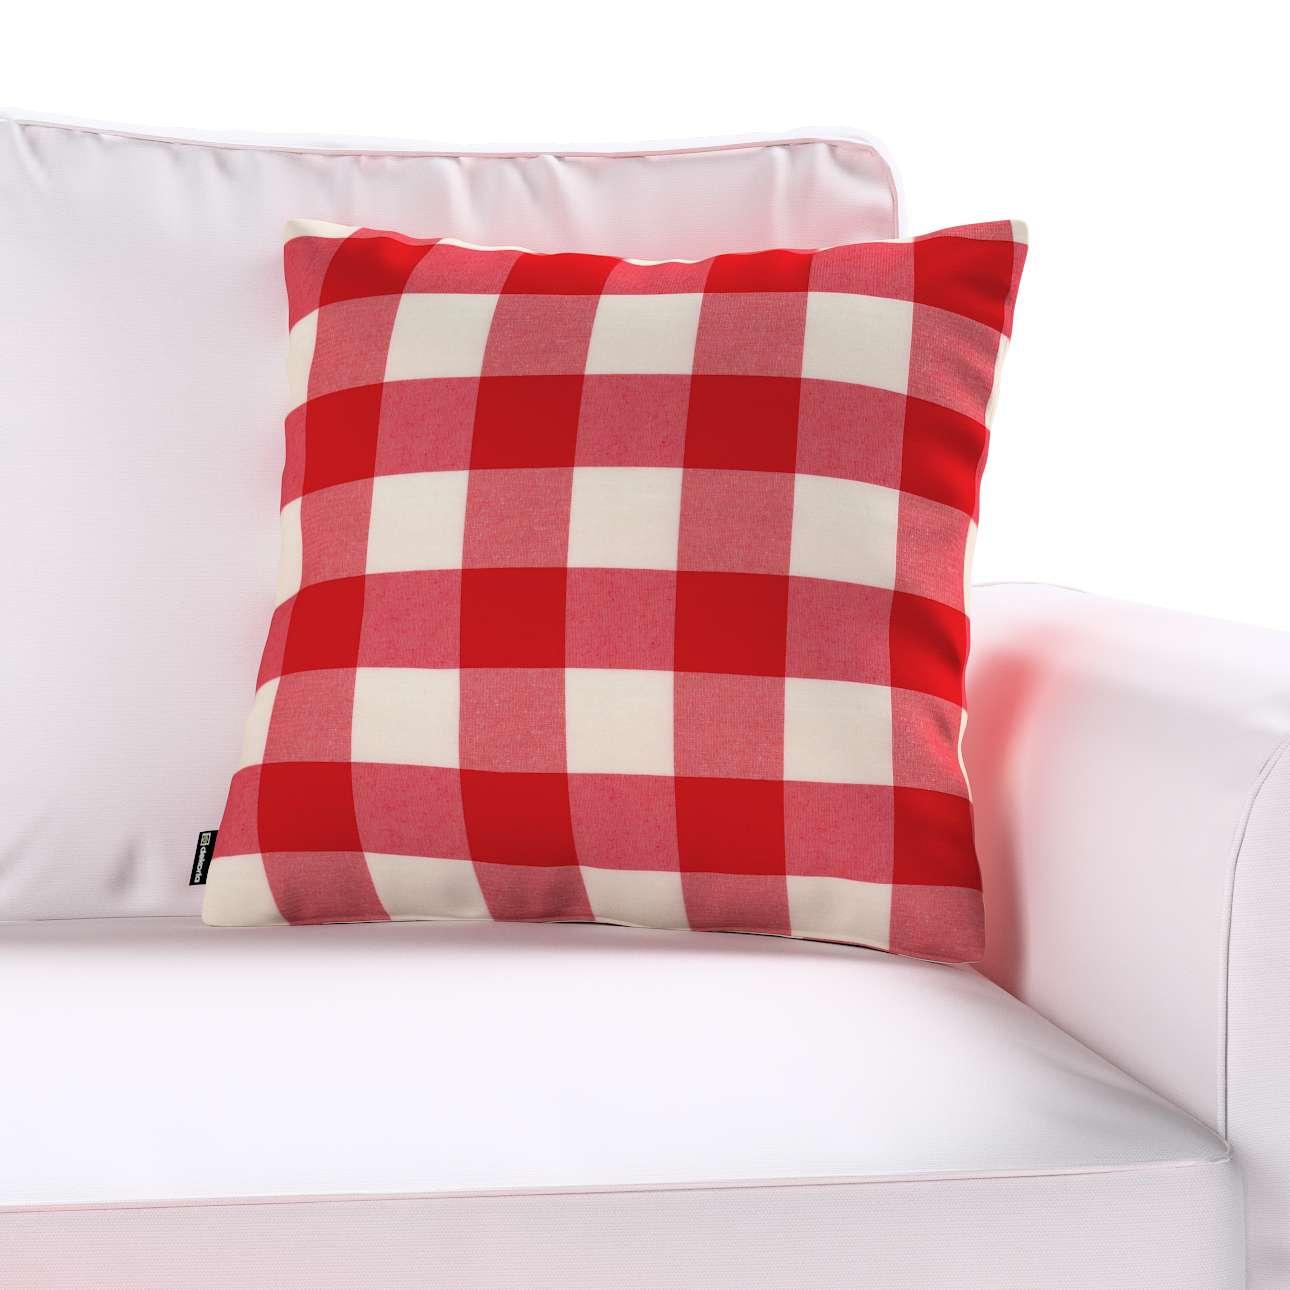 Poszewka Kinga na poduszkę w kolekcji Quadro, tkanina: 136-18